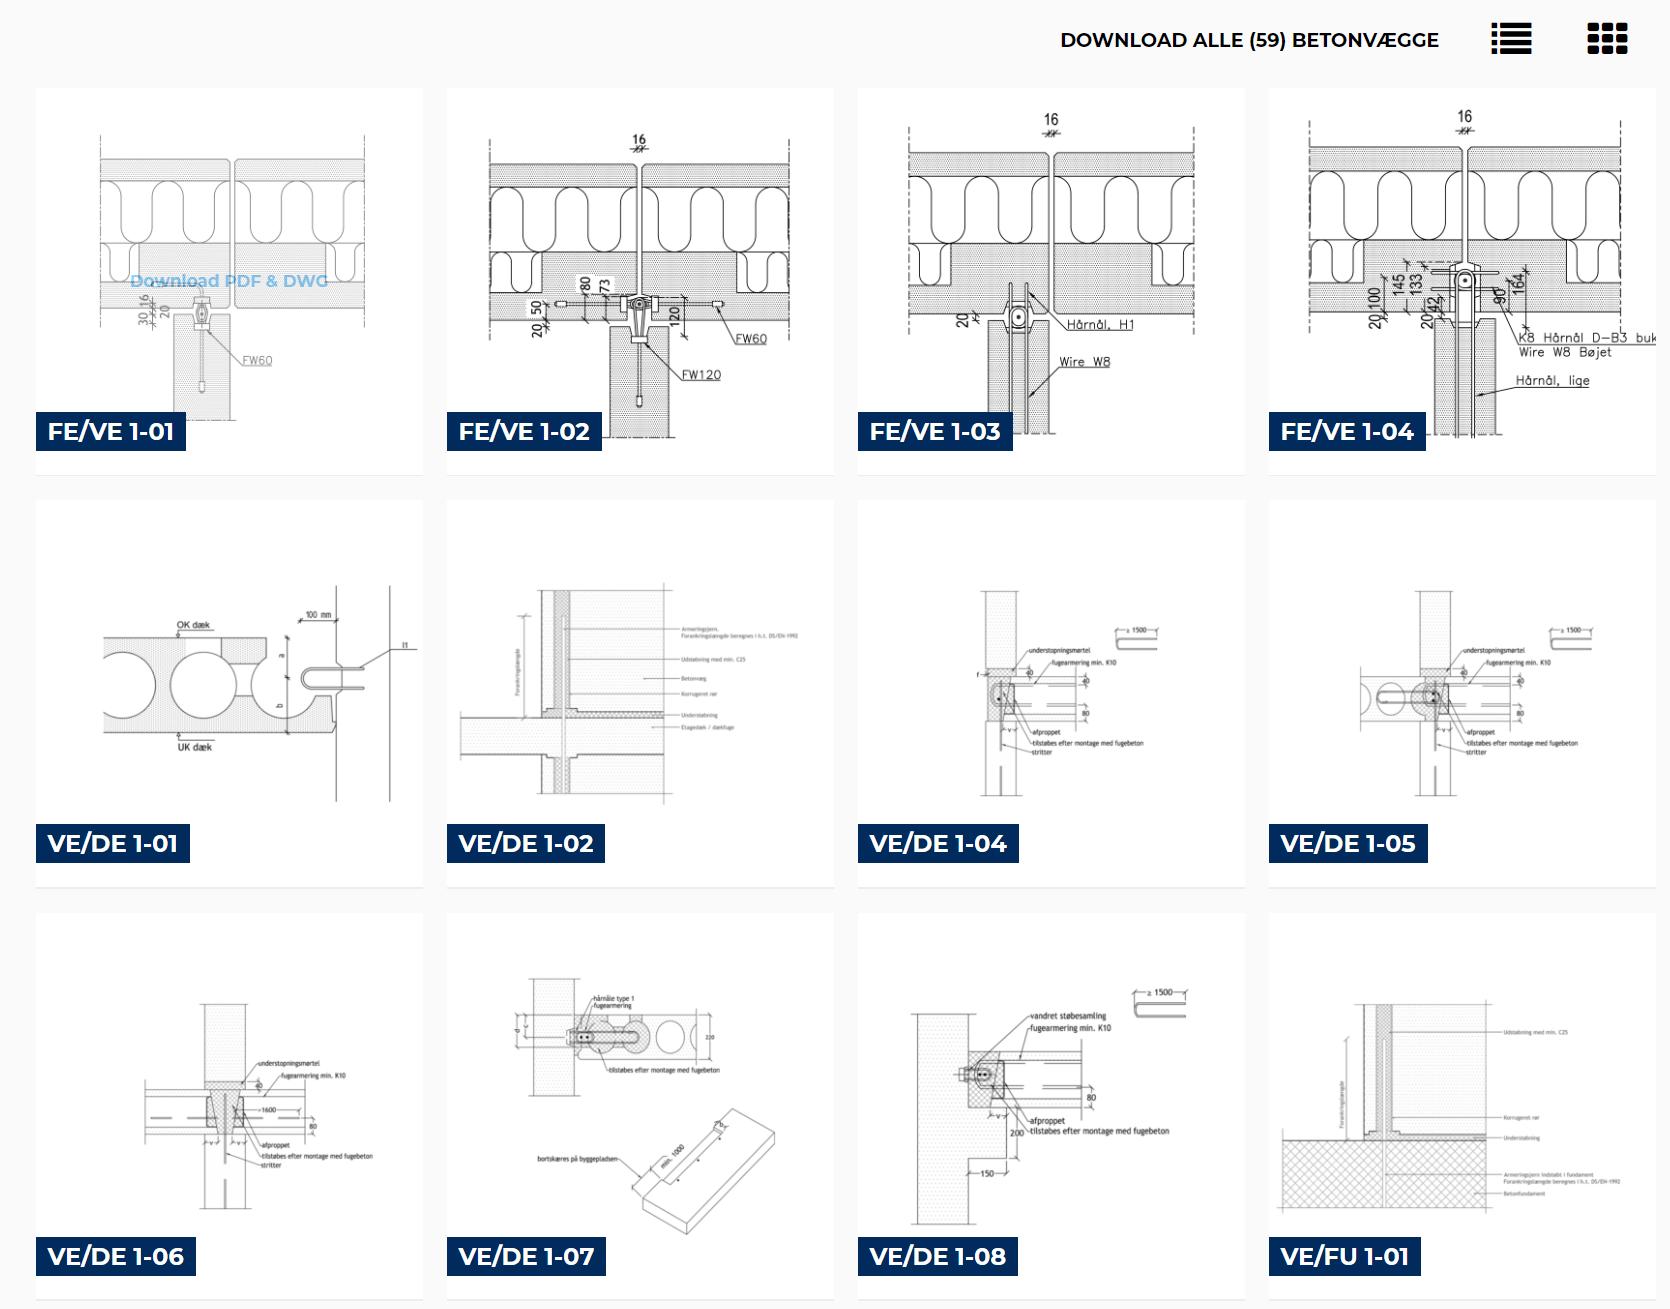 Samlingsdetaljer betonelementer